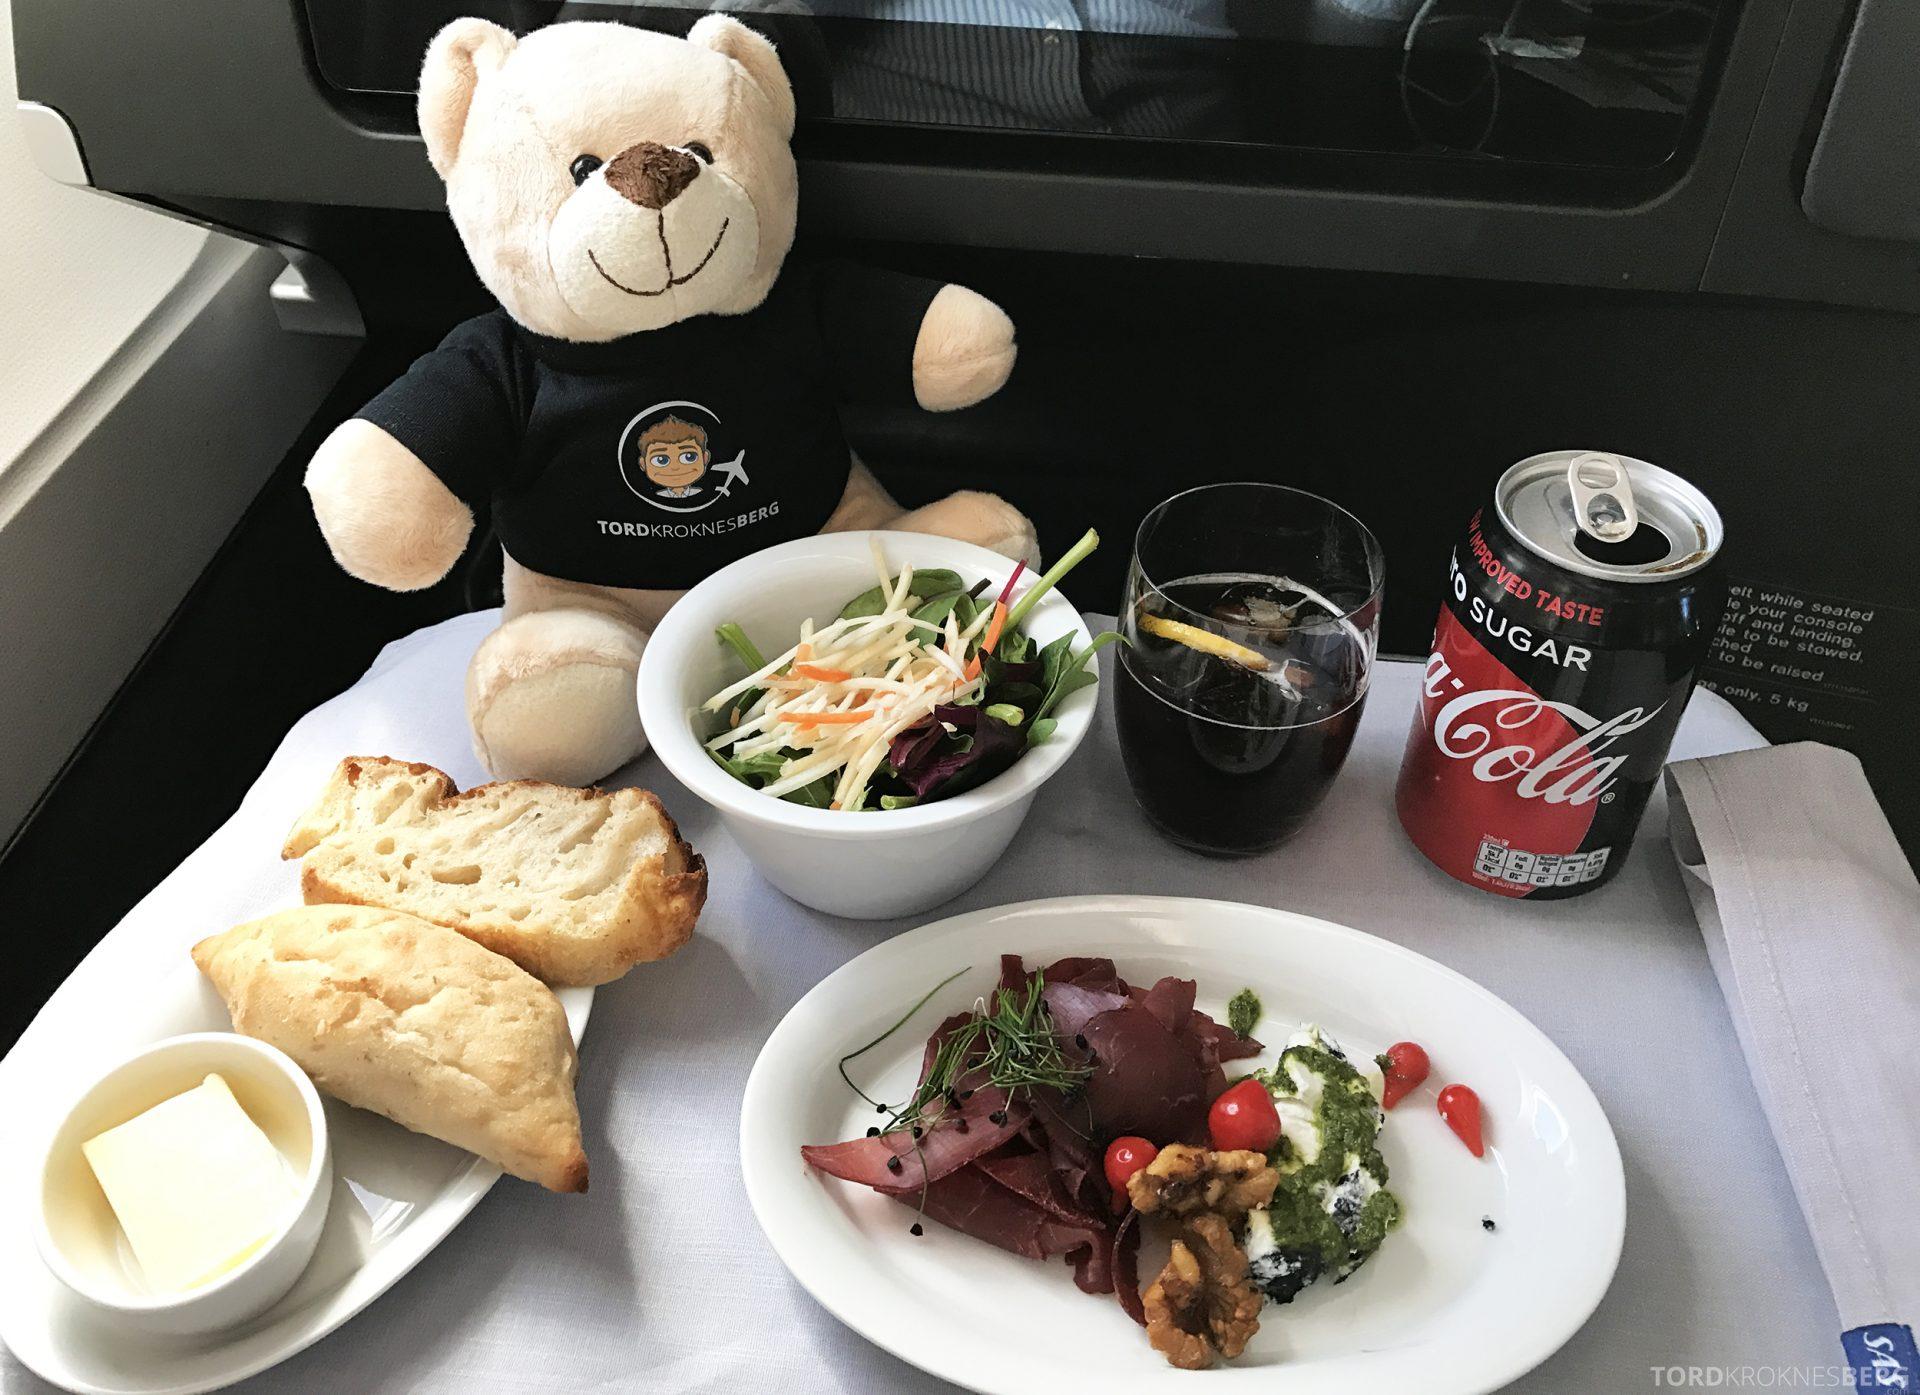 SAS Business Oslo til Miami reisefølget forrett